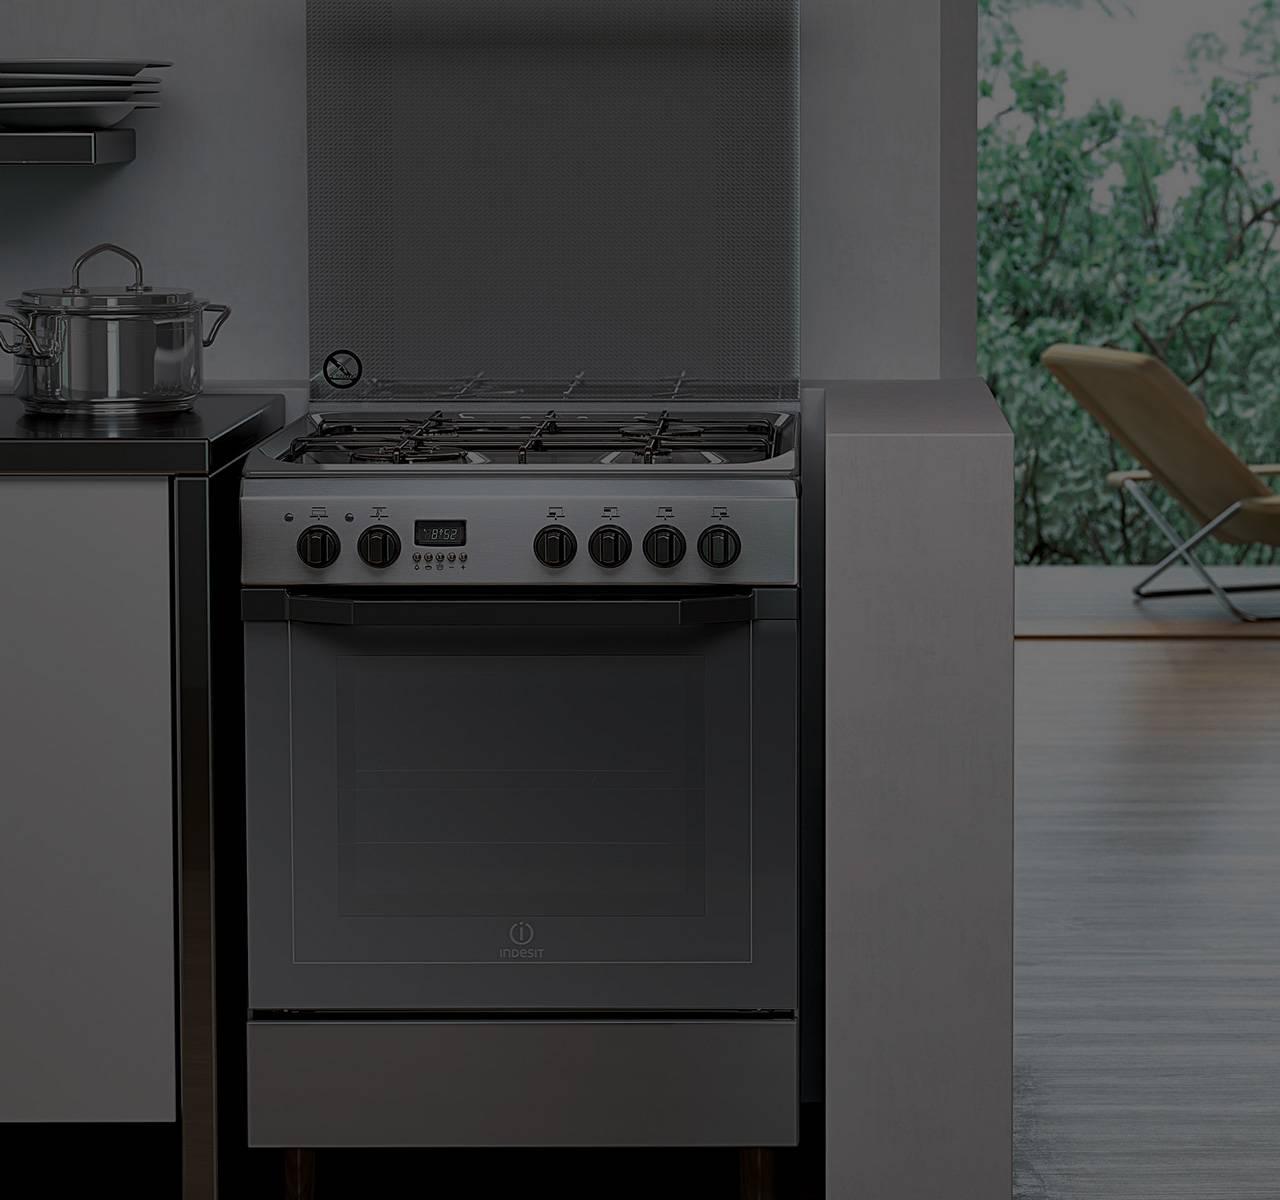 Cucina A Gas Con Forno Elettrico Ventilato Ariston. Cool ...